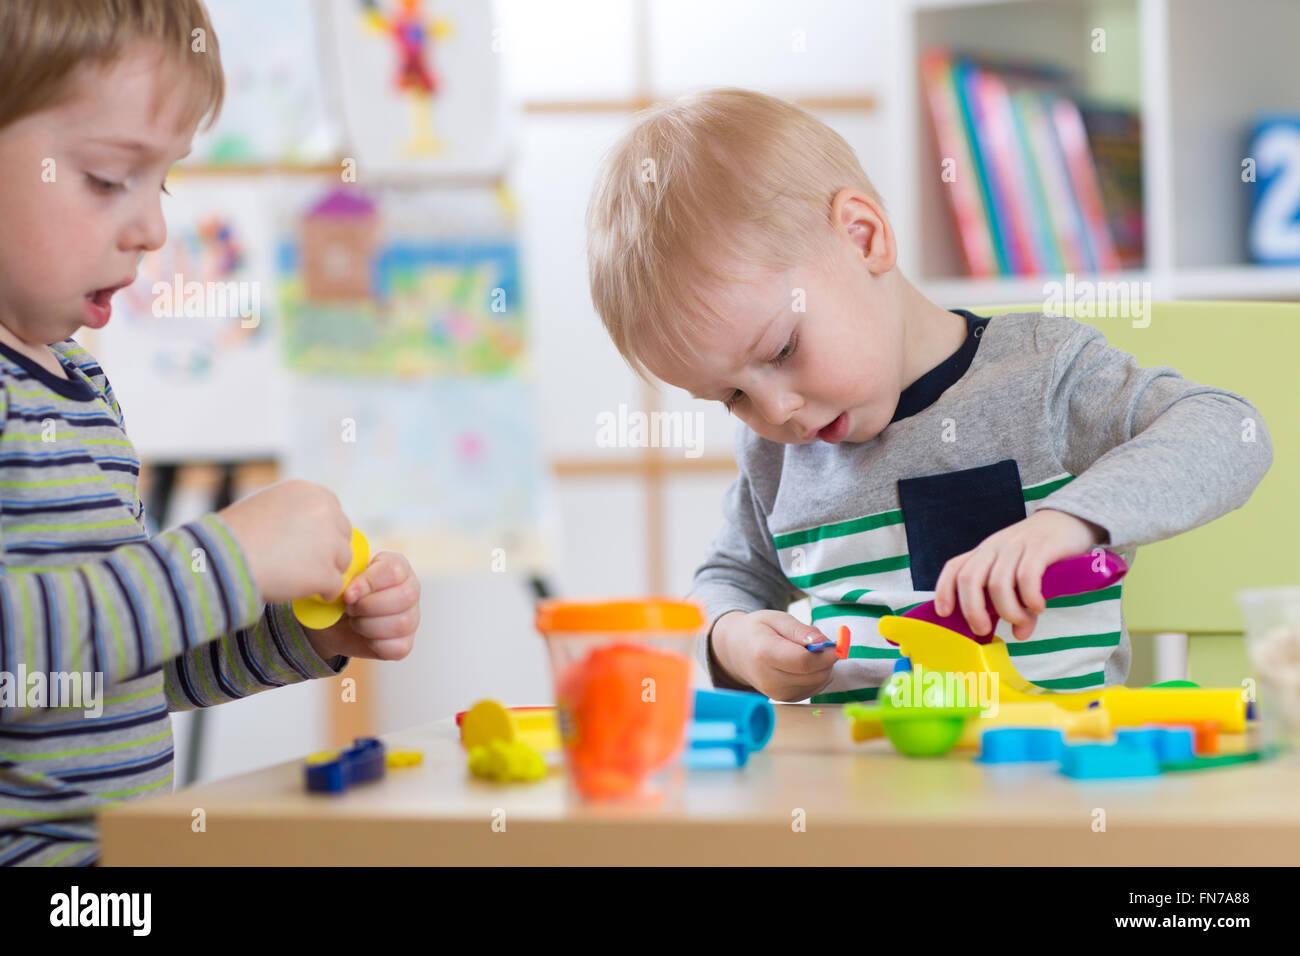 La modellazione di bambini in età prescolare o asilo nido Immagini Stock